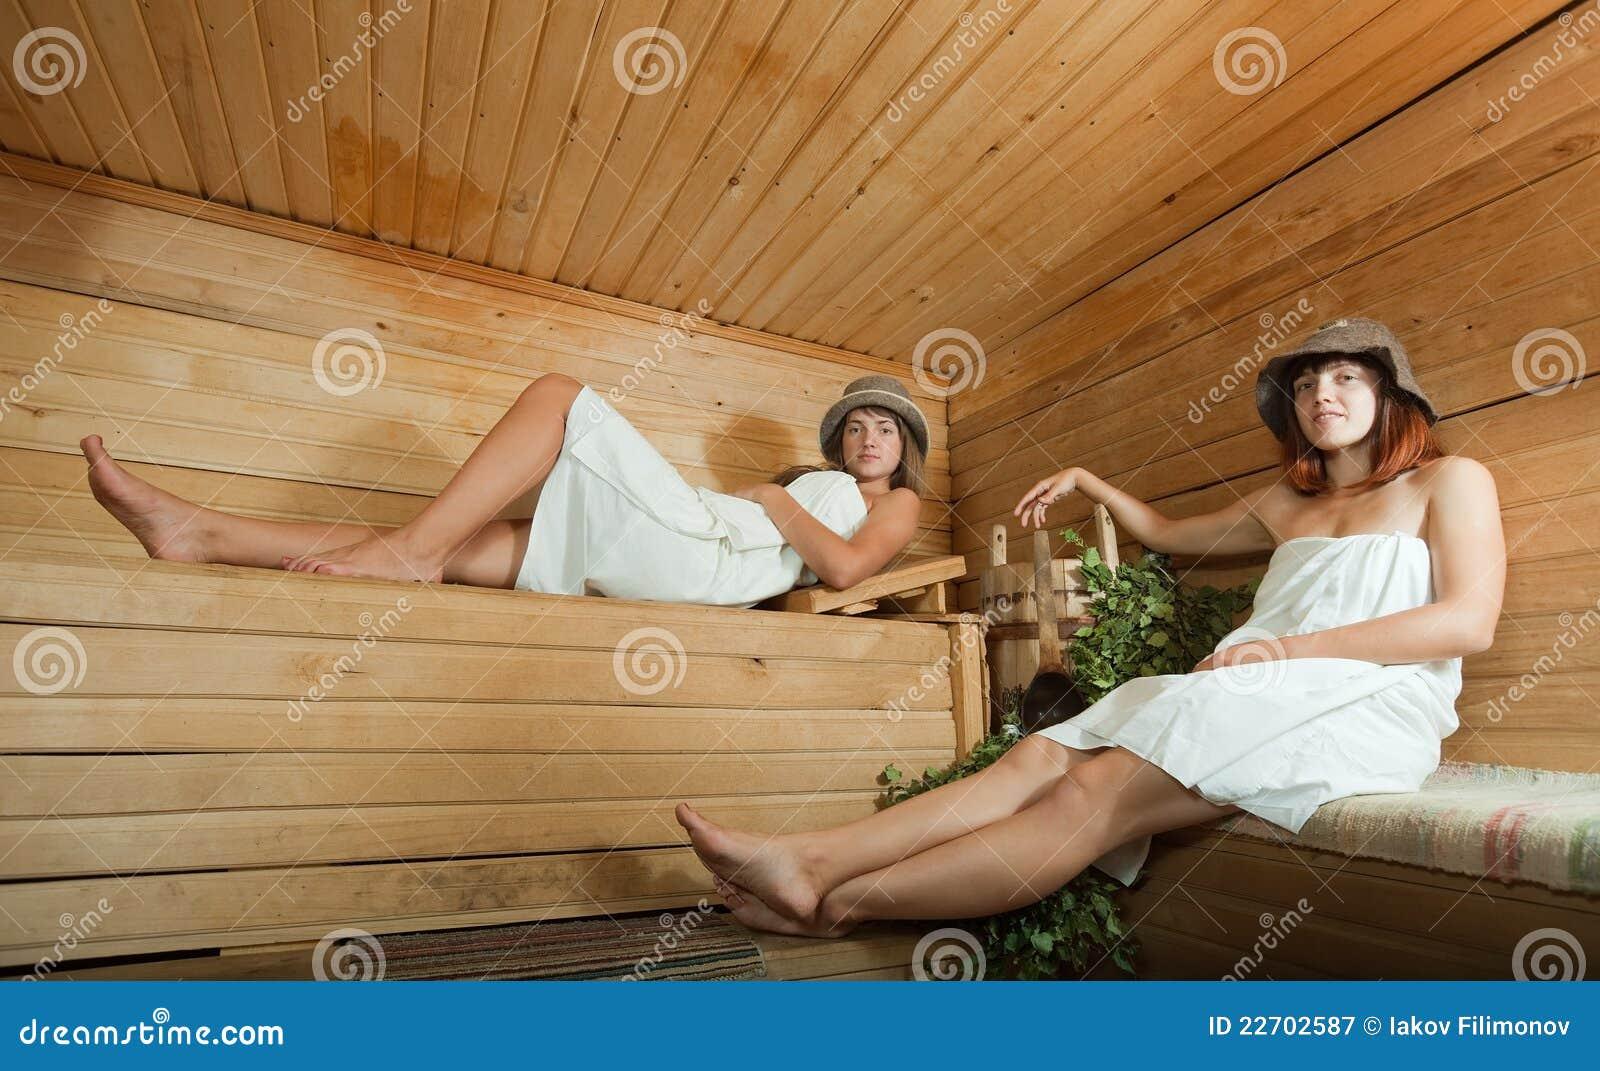 Шведские бани фото 24 фотография